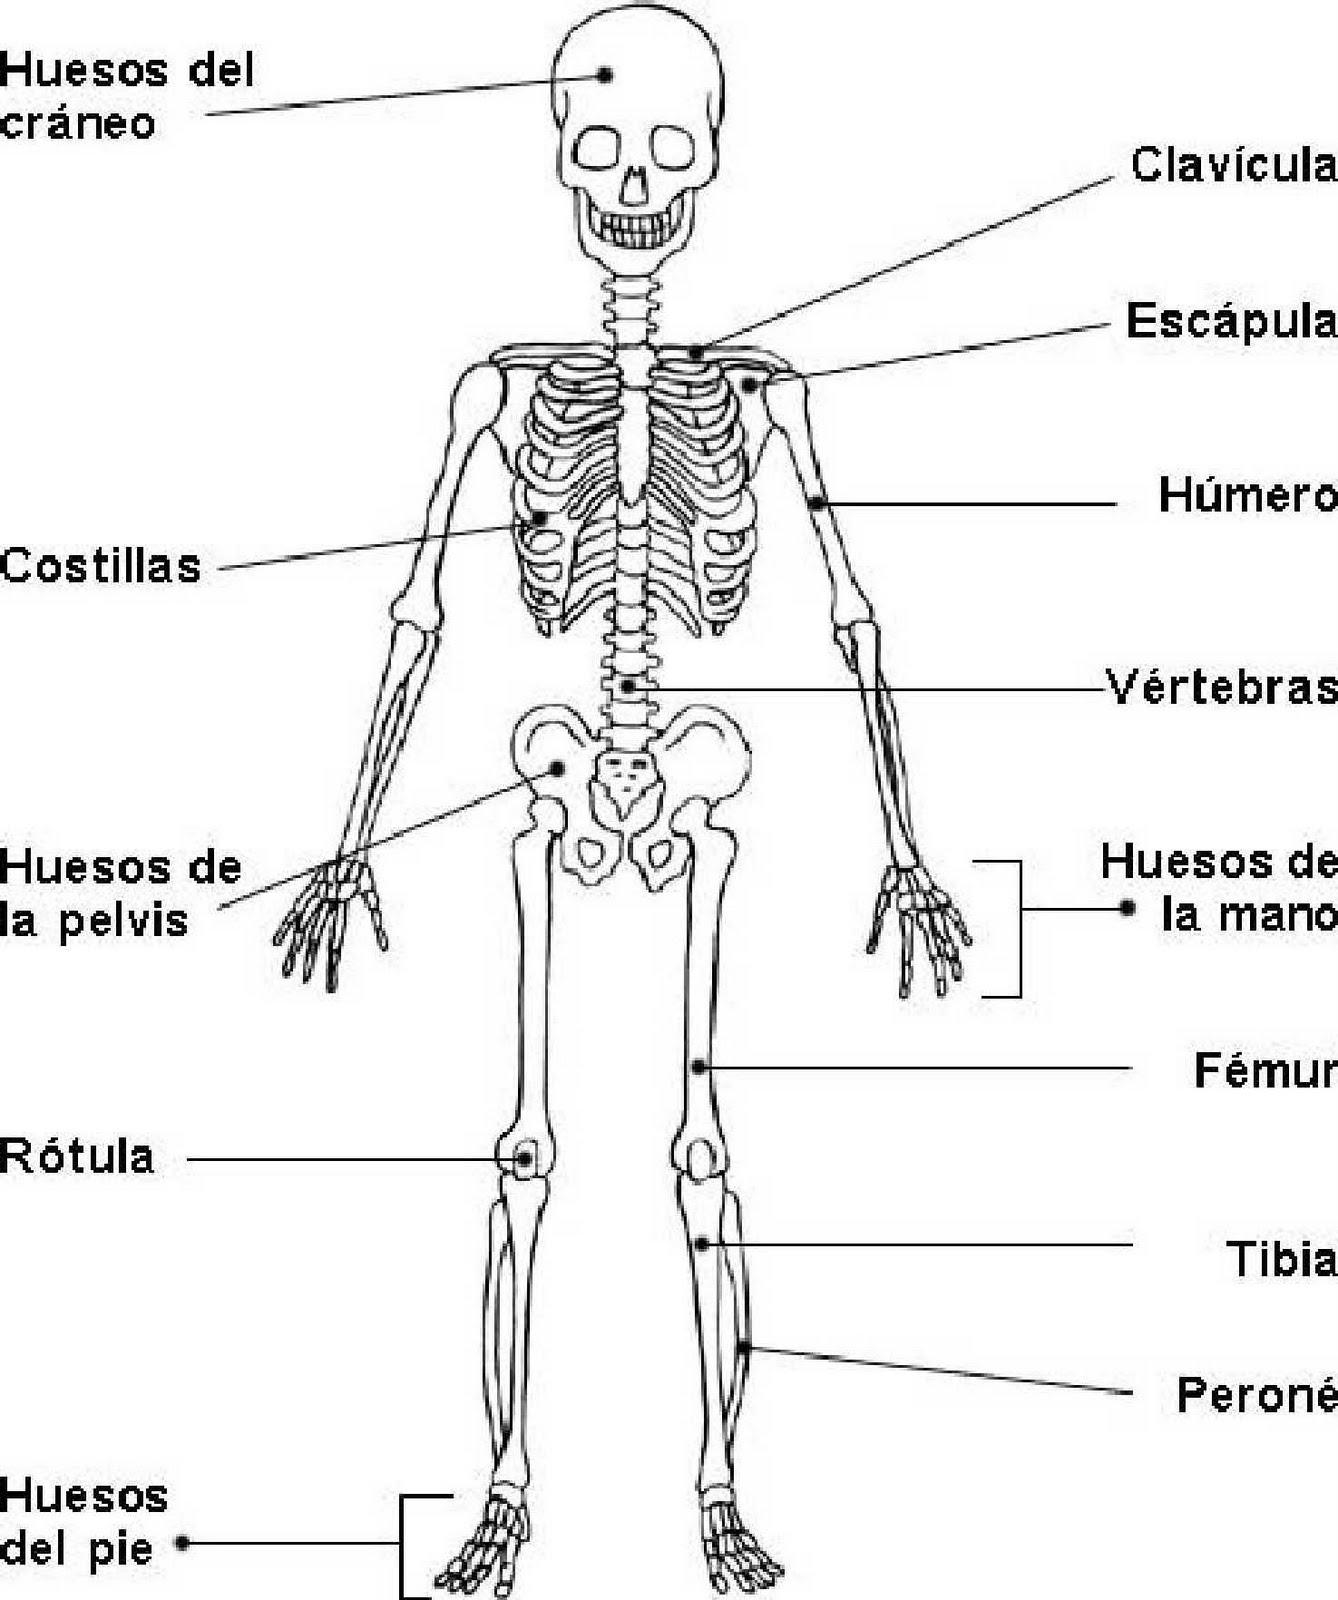 cuerpo humano dibujos de los huesos del craneo y sus partes pelauts